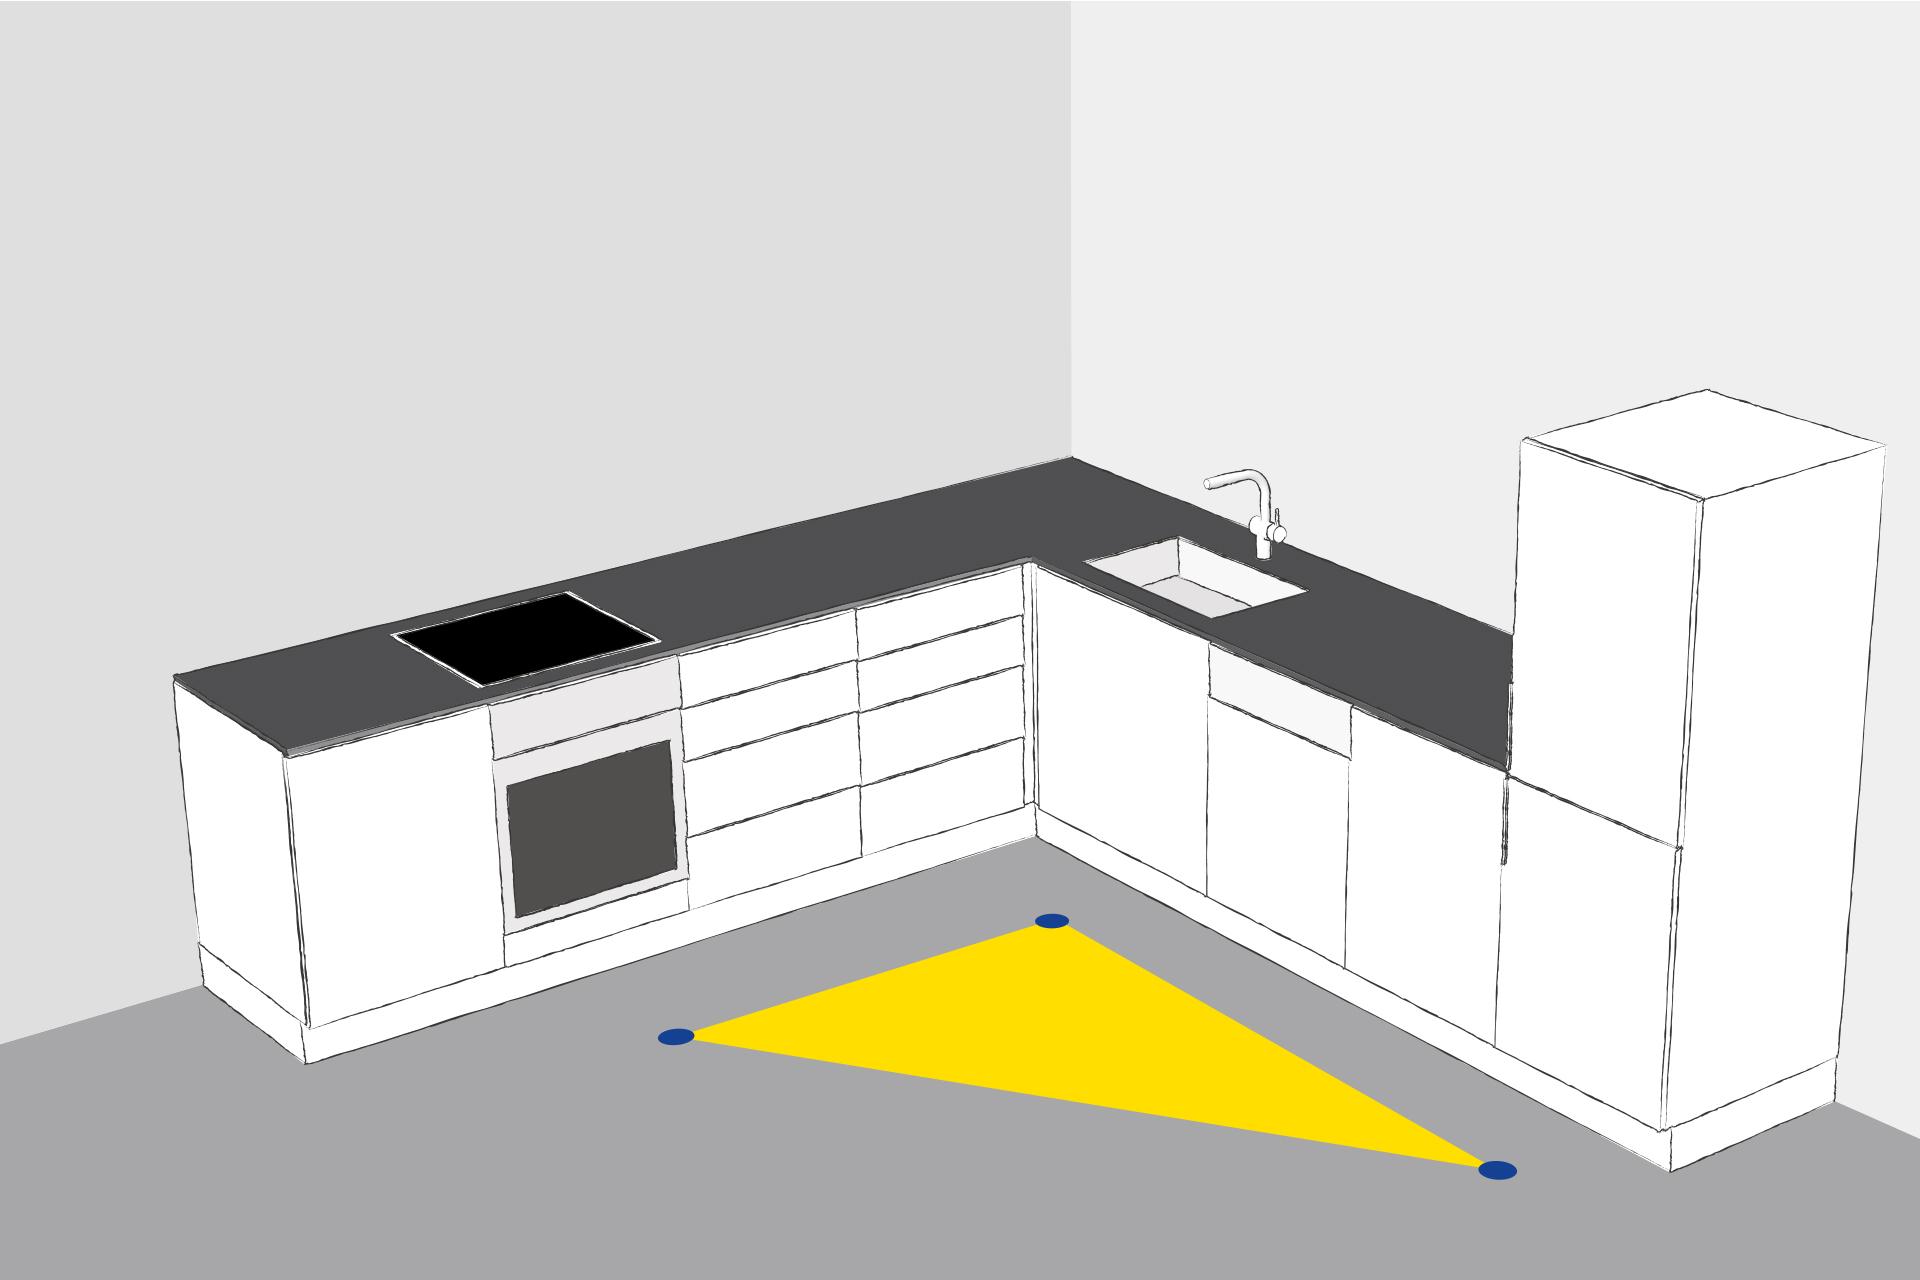 Full Size of Komplettküche Angebot Miele Komplettküche Komplettküche Billig Komplettküche Mit Elektrogeräten Küche Einbauküche Ohne Kühlschrank